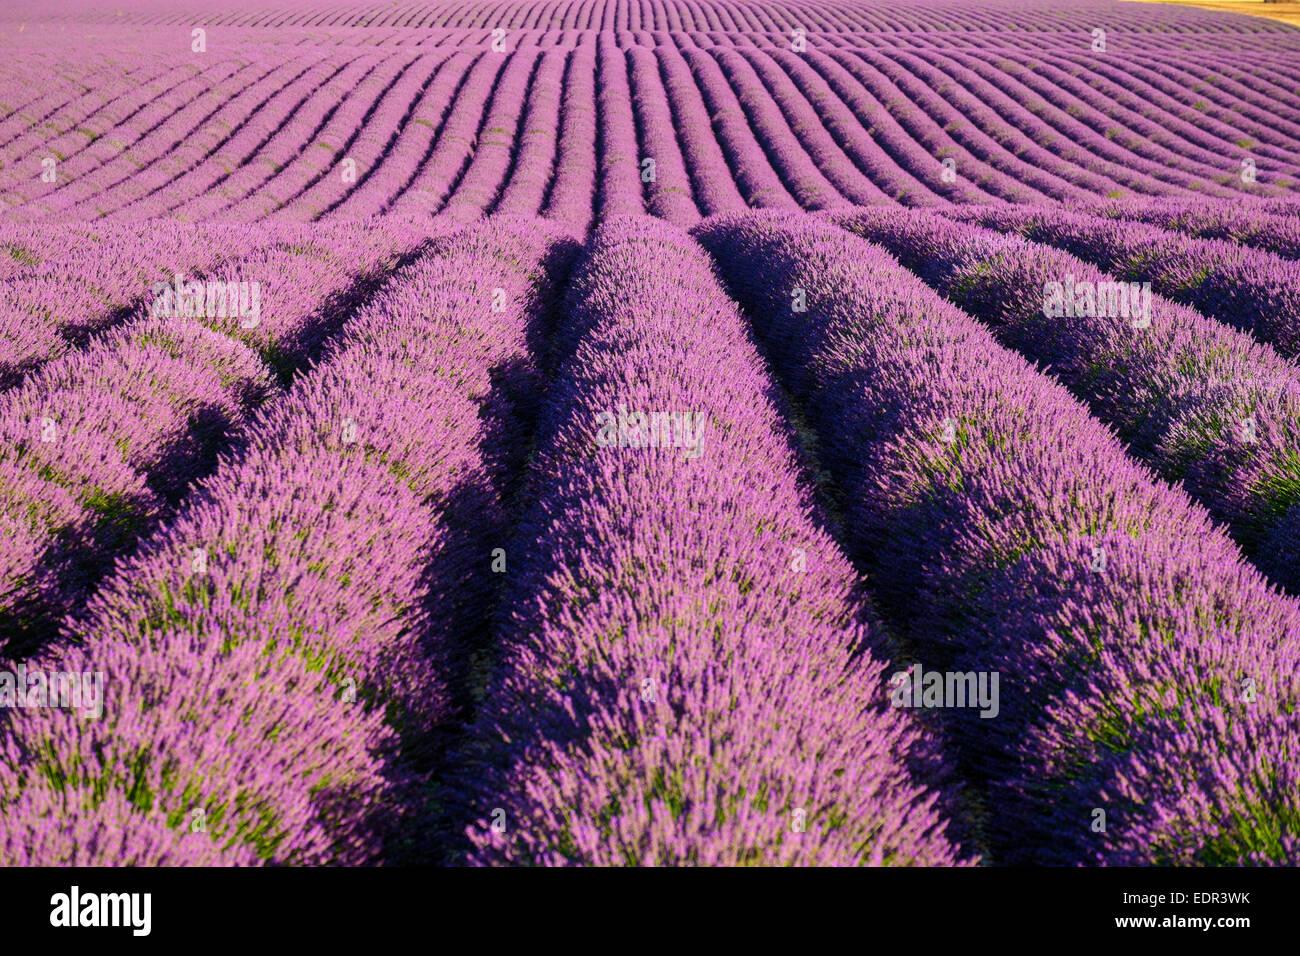 Rangées de lavande pourpre de hauteur de fleurissent au début de juillet dans un champ sur le Plateau de Valensole près de Montagnac-montpezat Banque D'Images